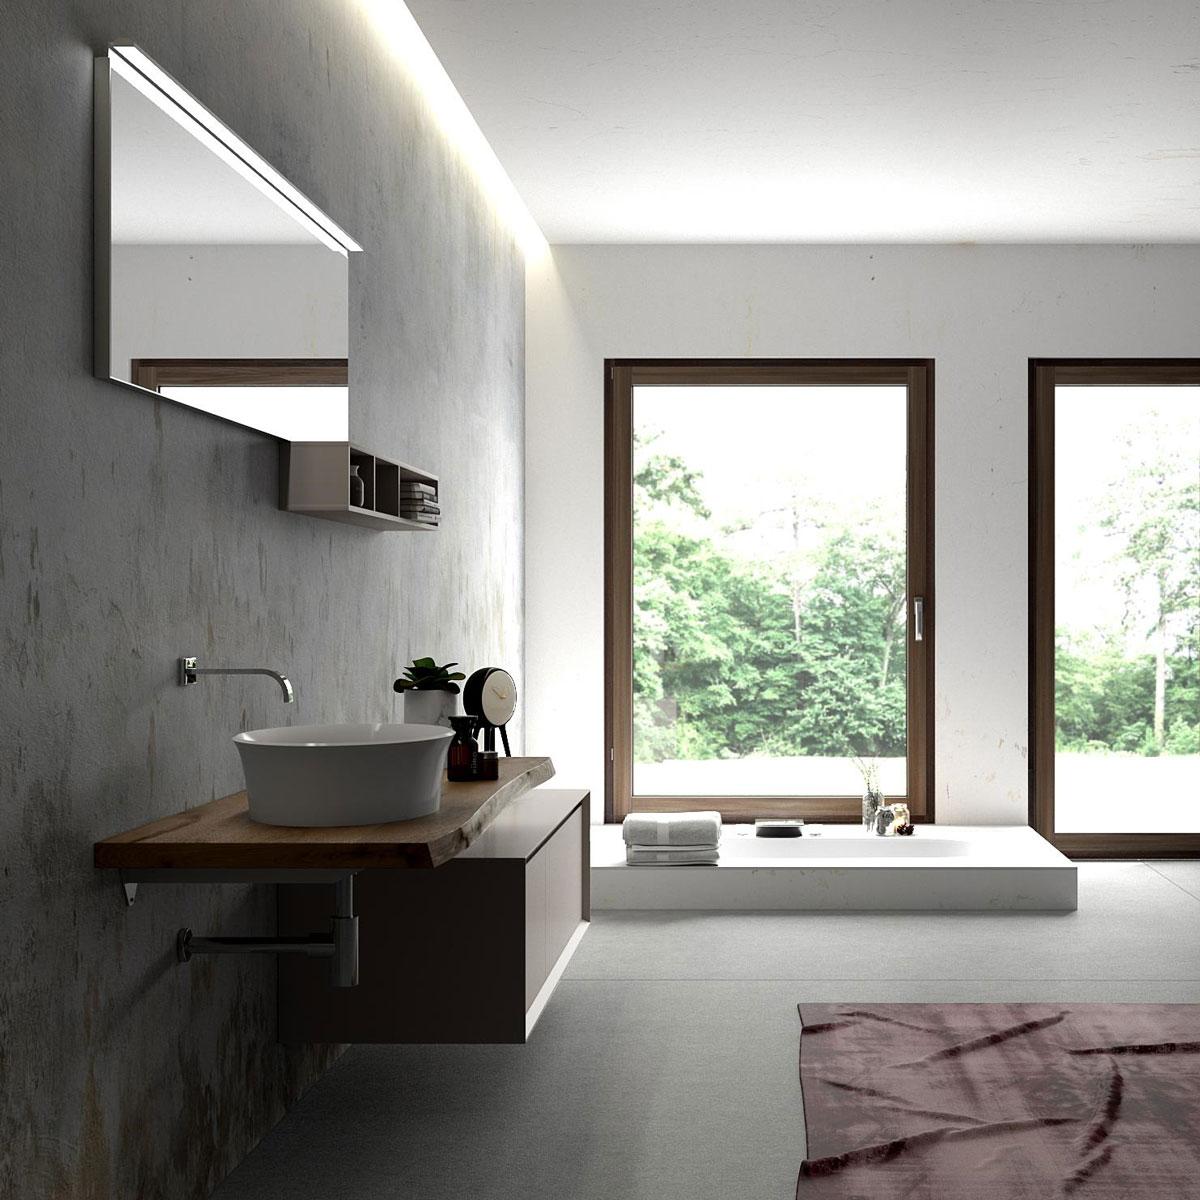 arredo-bagno-legno-massello-rovere - Puntotre Arredobagno